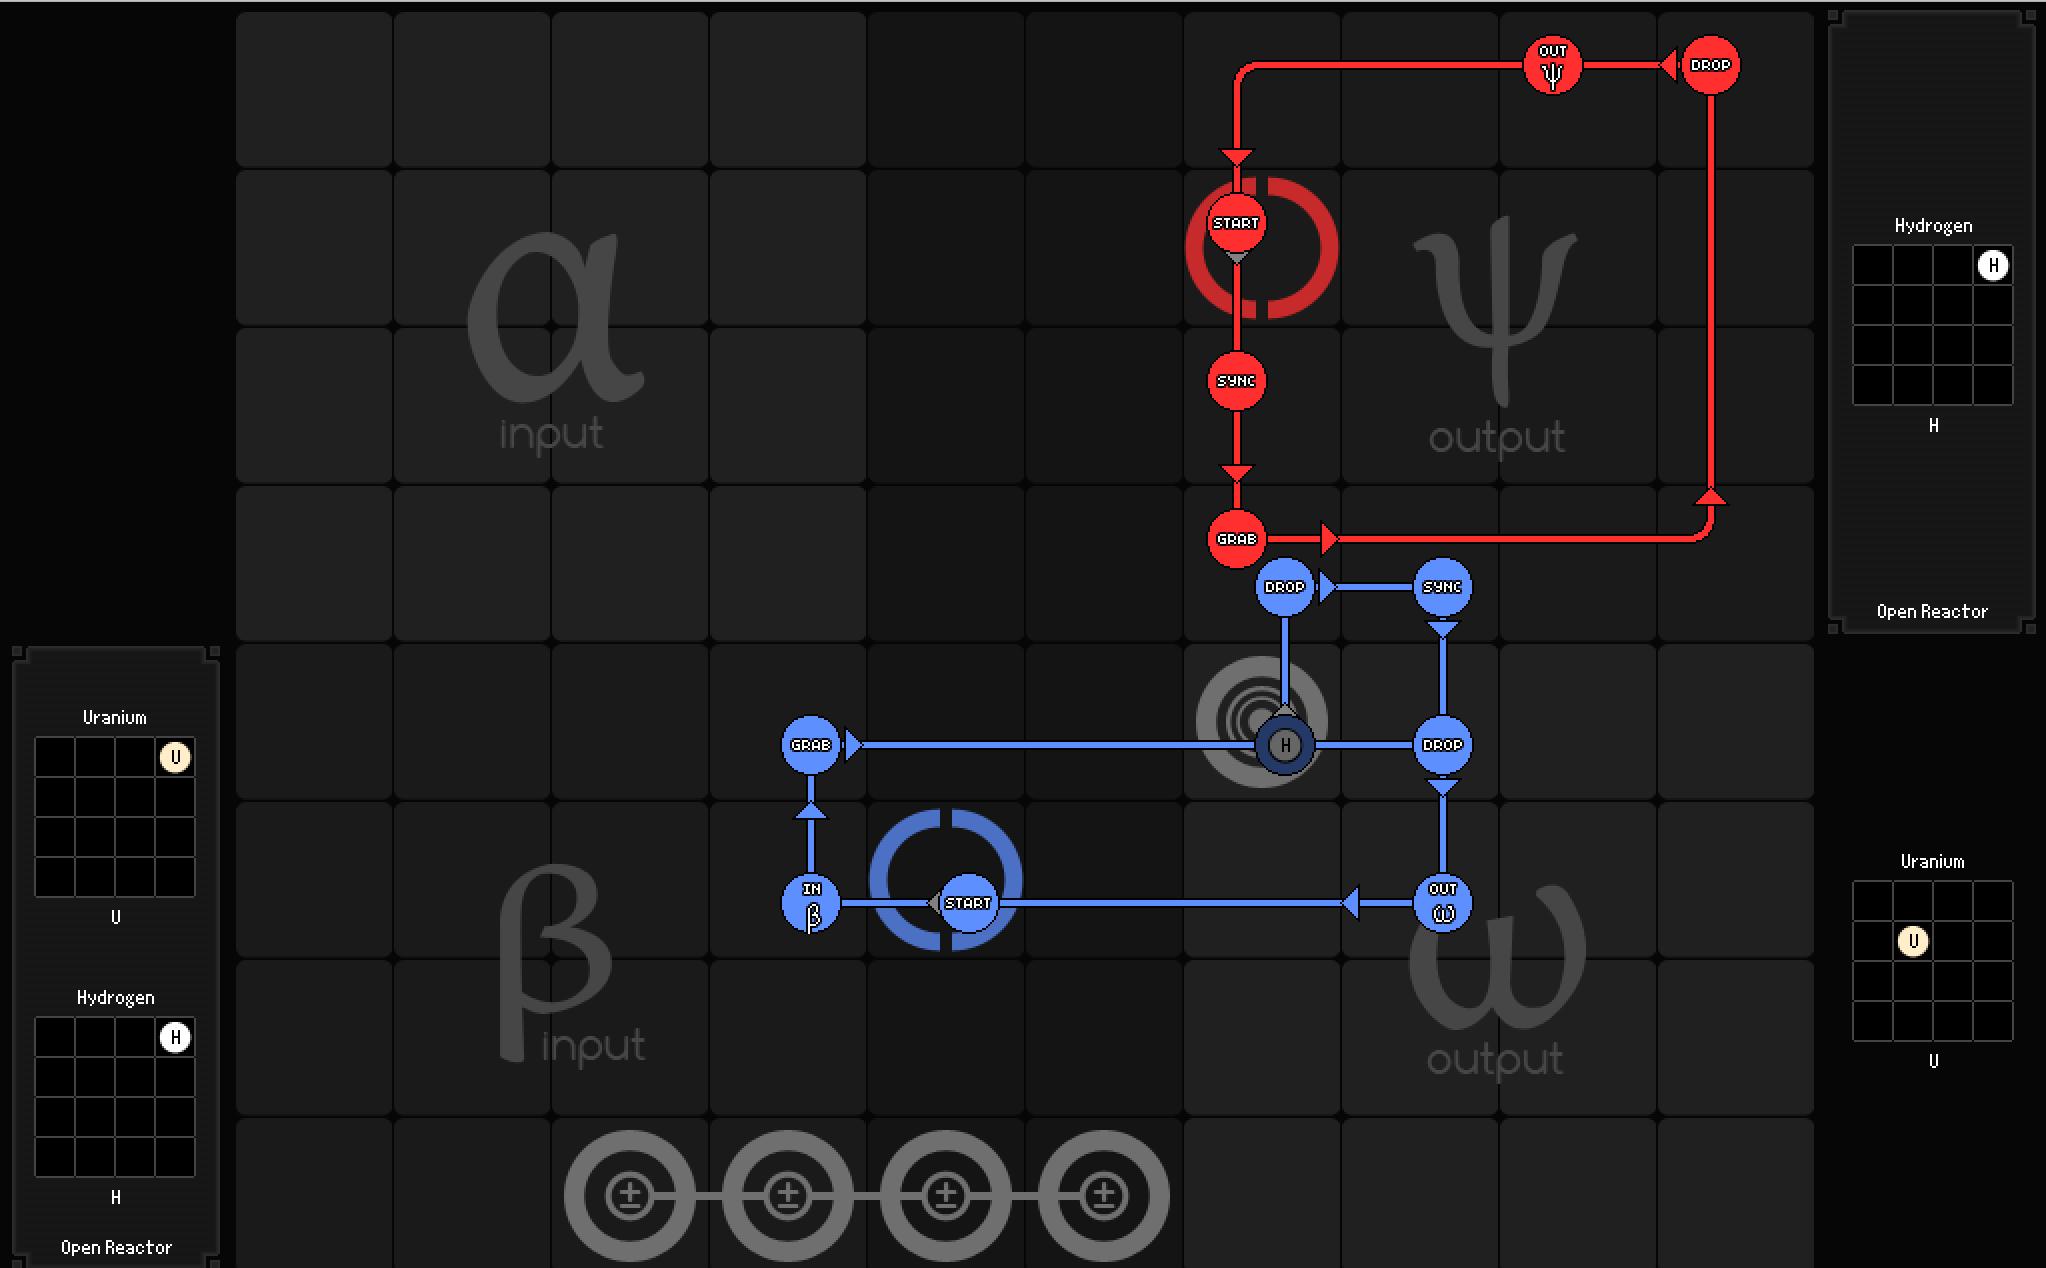 1_Story_Mode/4_Alkonost/SpaceChem-4.7.a-boss/Reactor_2.png